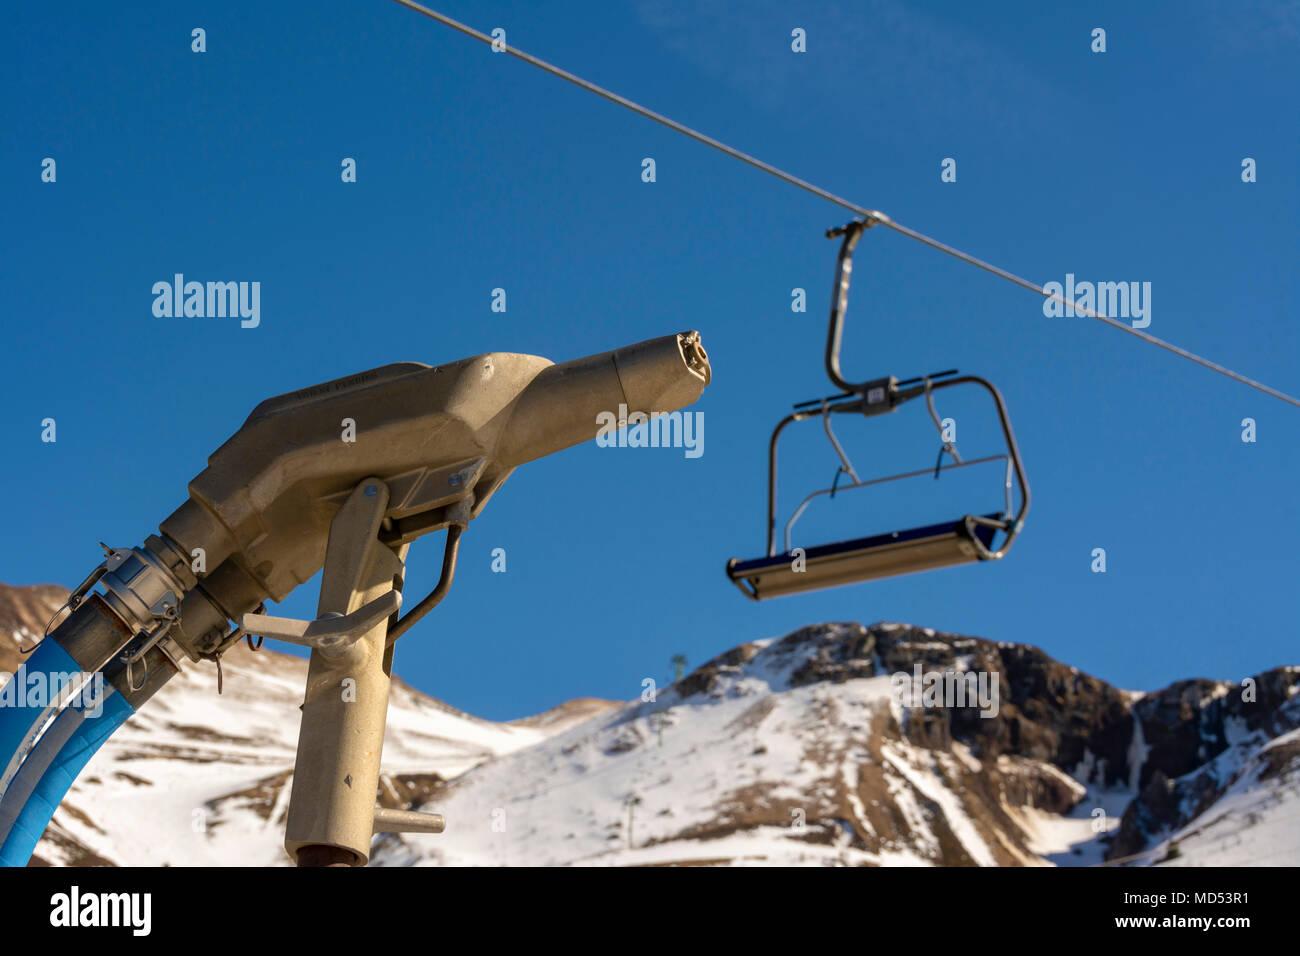 Telesilla y la falta de nieve en una estación de esquí de la región de Auvernia, Auvergne, Francia Imagen De Stock